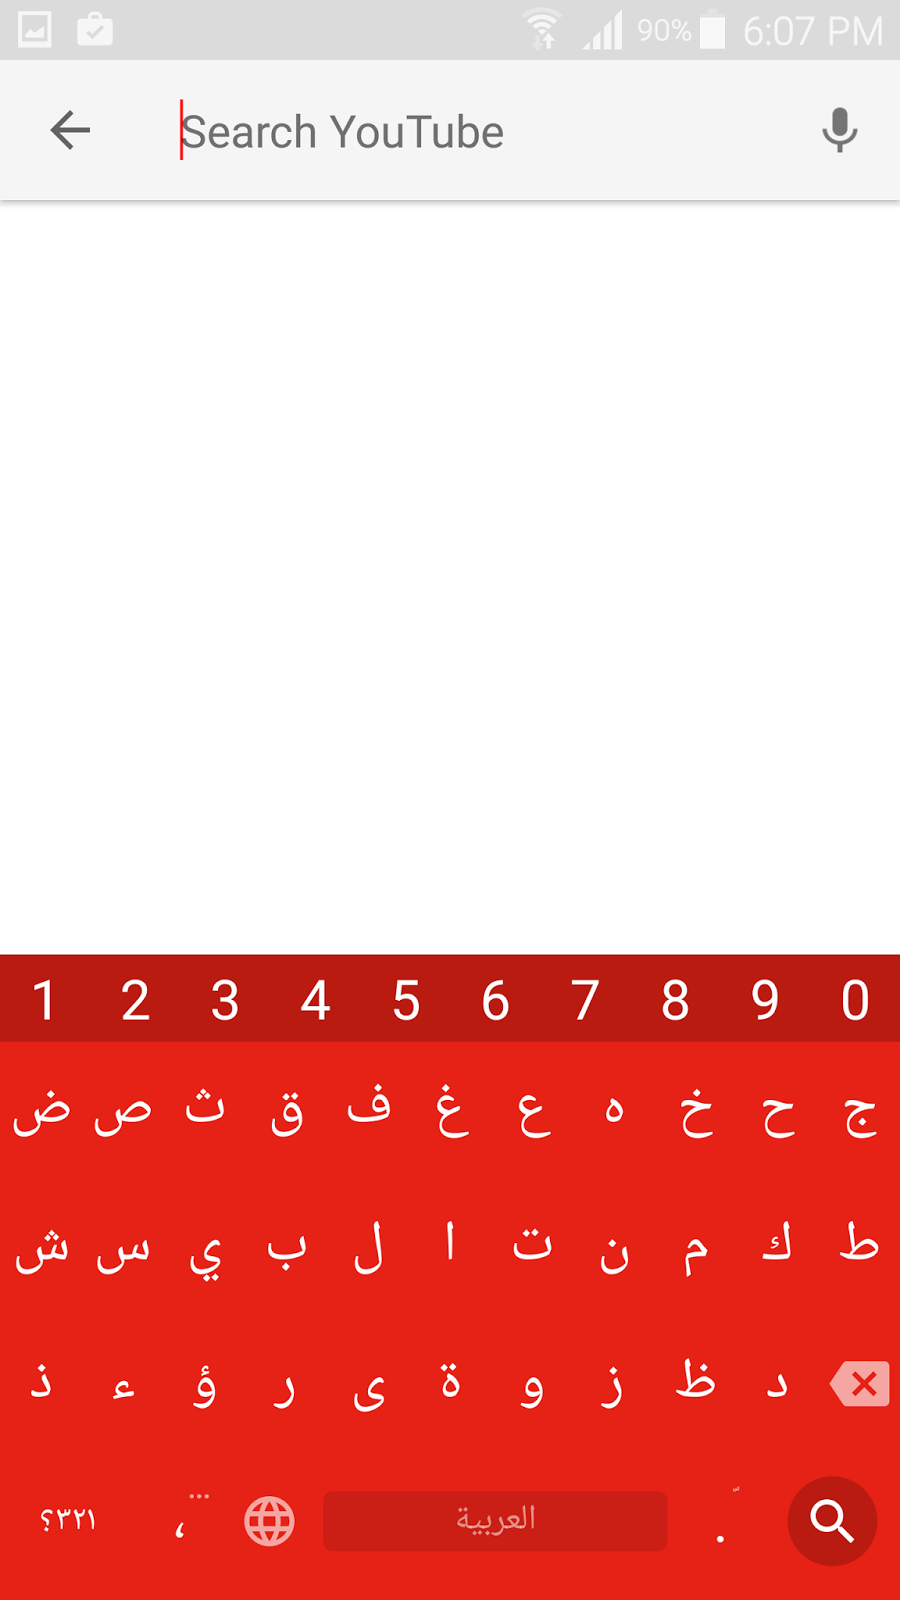 لوحة مفاتيح Chrooma كيبورد عجيب يتغير لونها كالحرباء | بحرية درويد